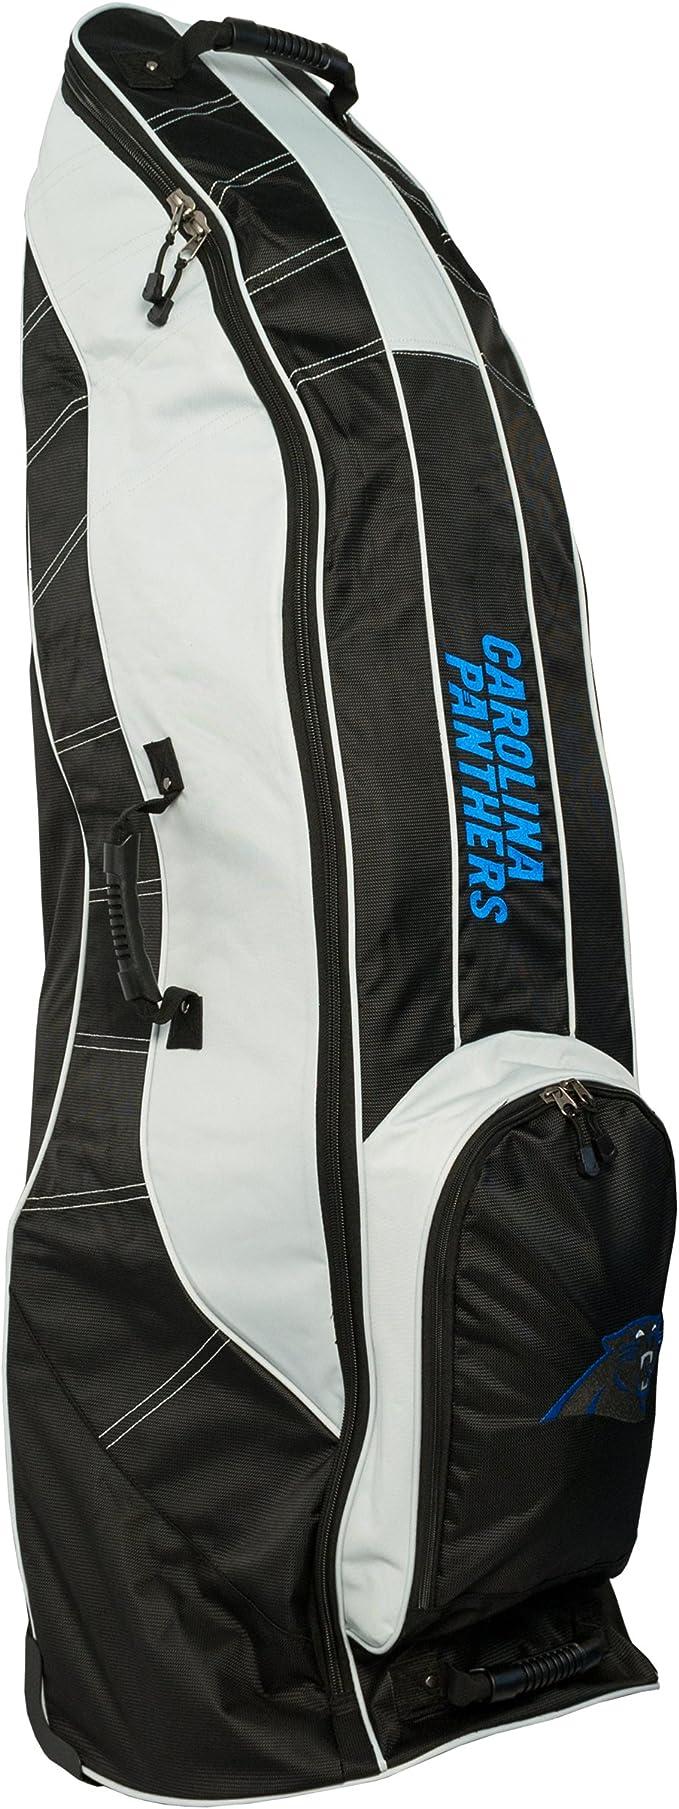 Team Golf NFL Adult-Unisex Golf Travel Bag